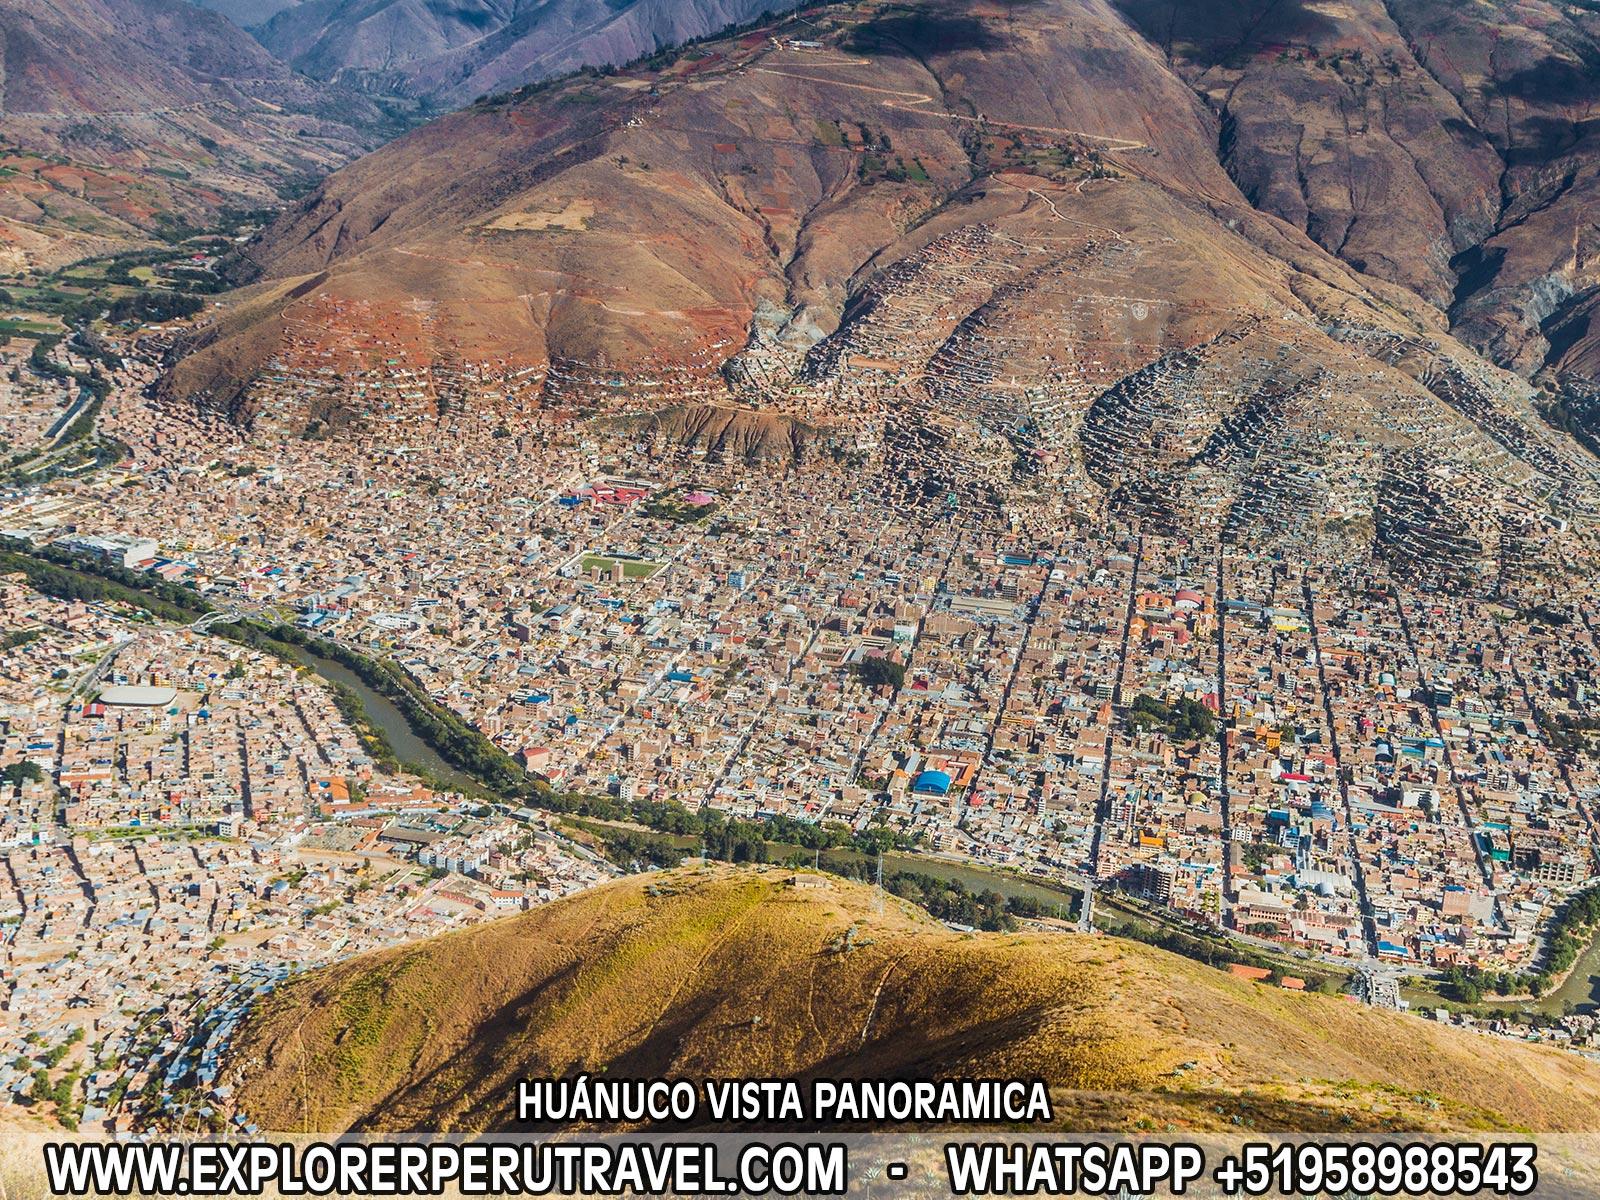 HUÁNUCO VISTA PANORAMICA